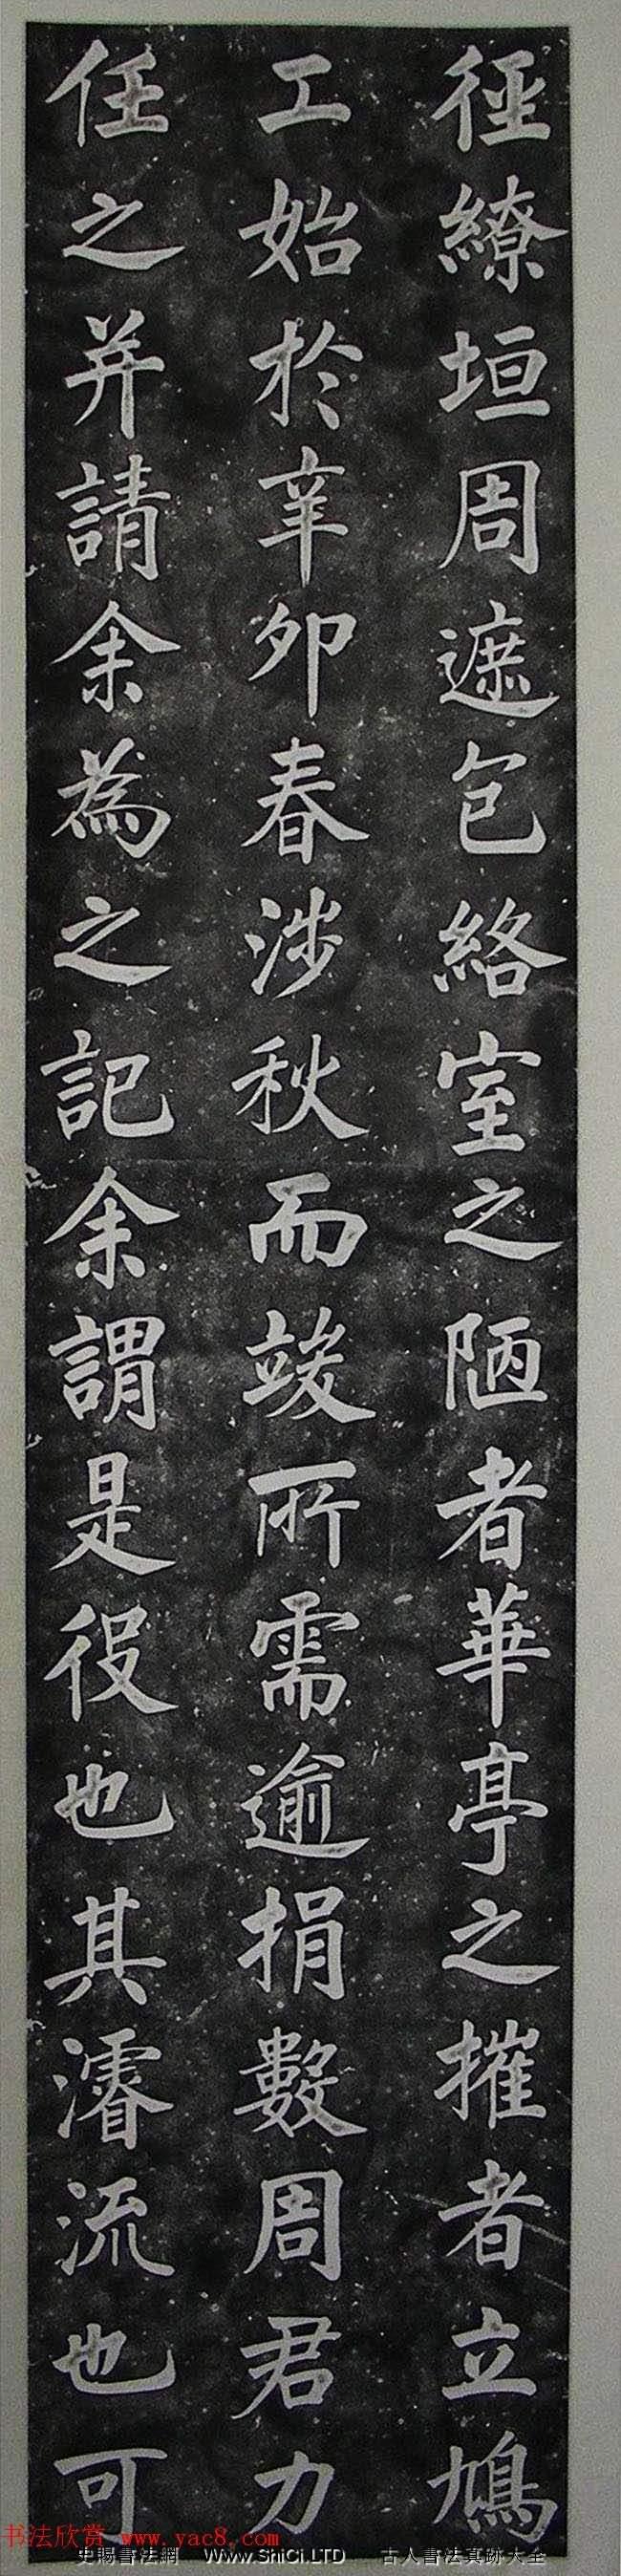 楊國楨楷書欣賞《輝縣重修清暉閣記》